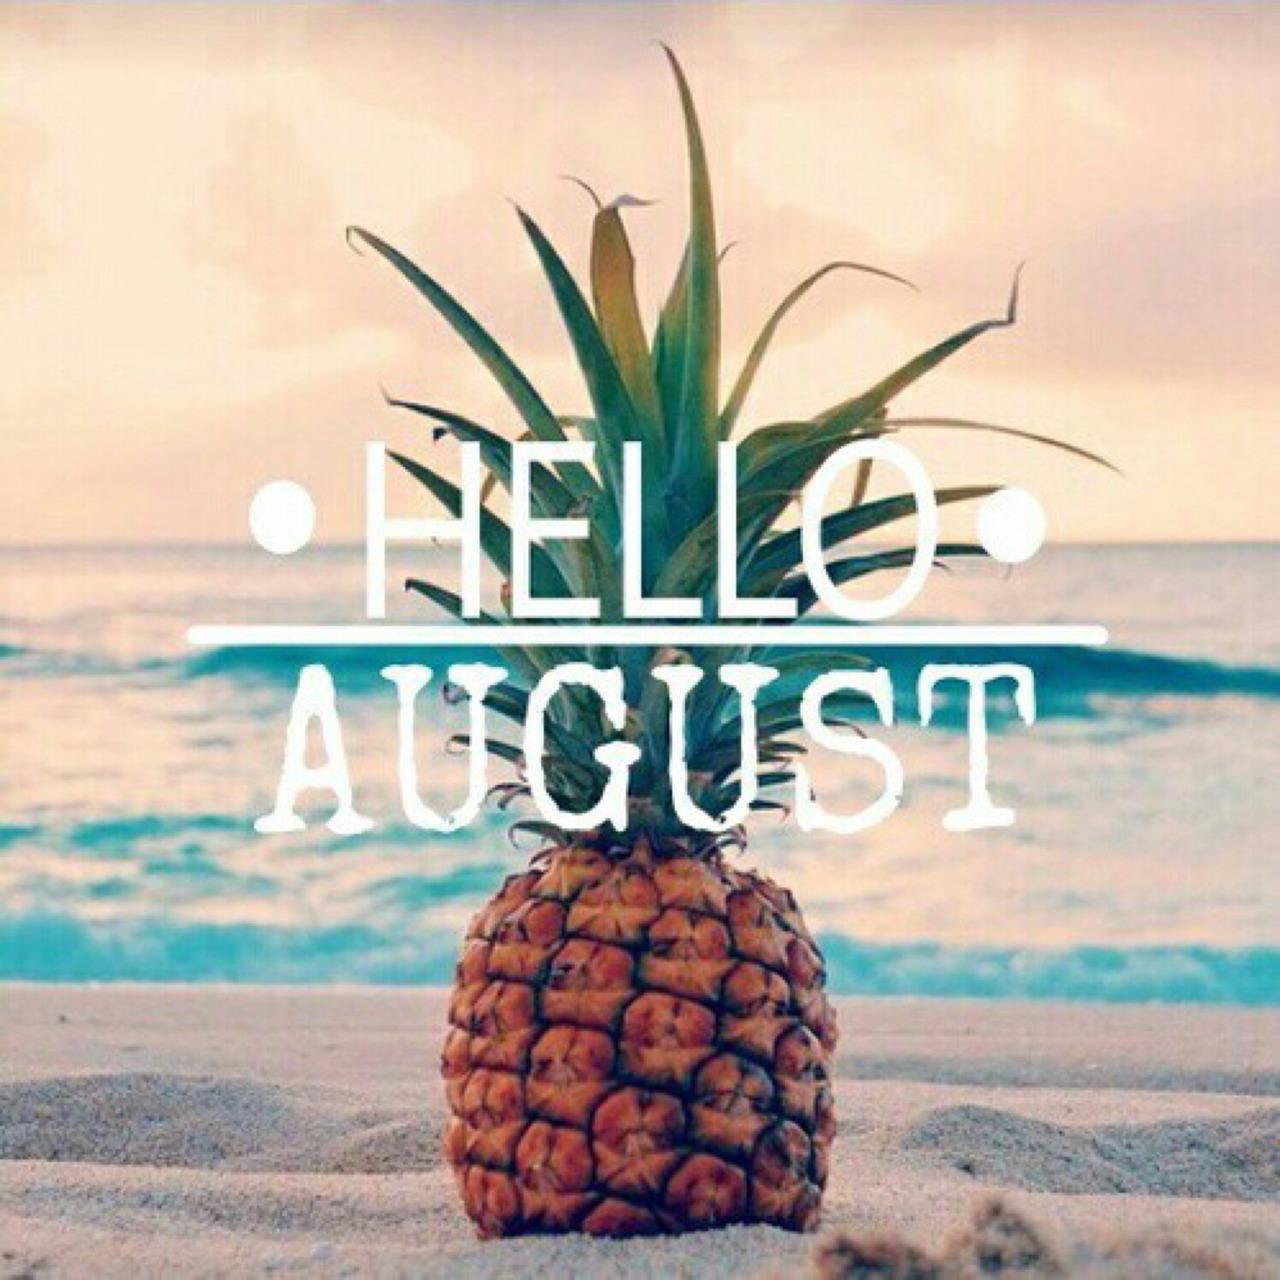 Картинка про август с надписями